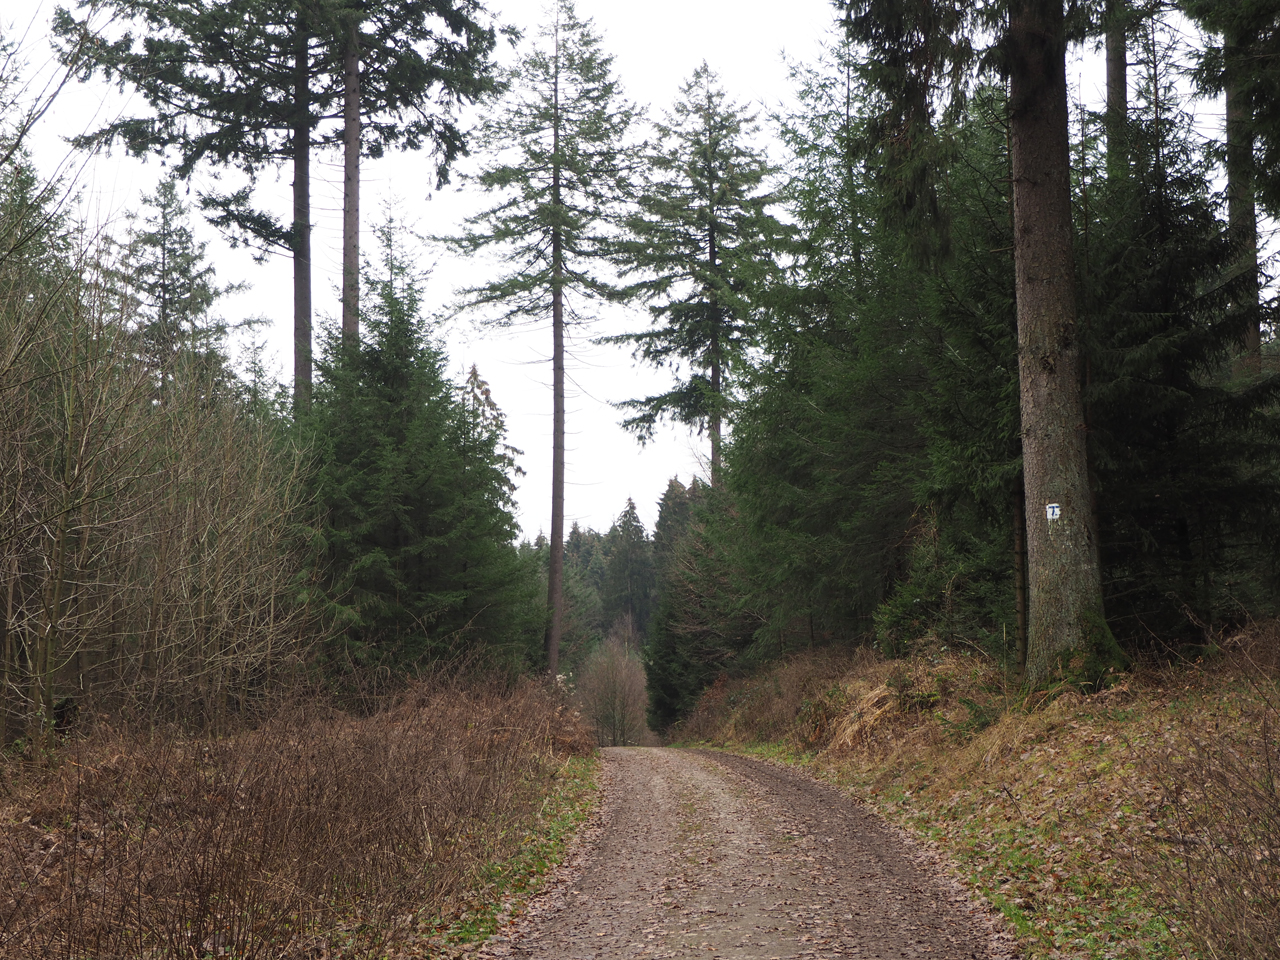 weer door dicht bos